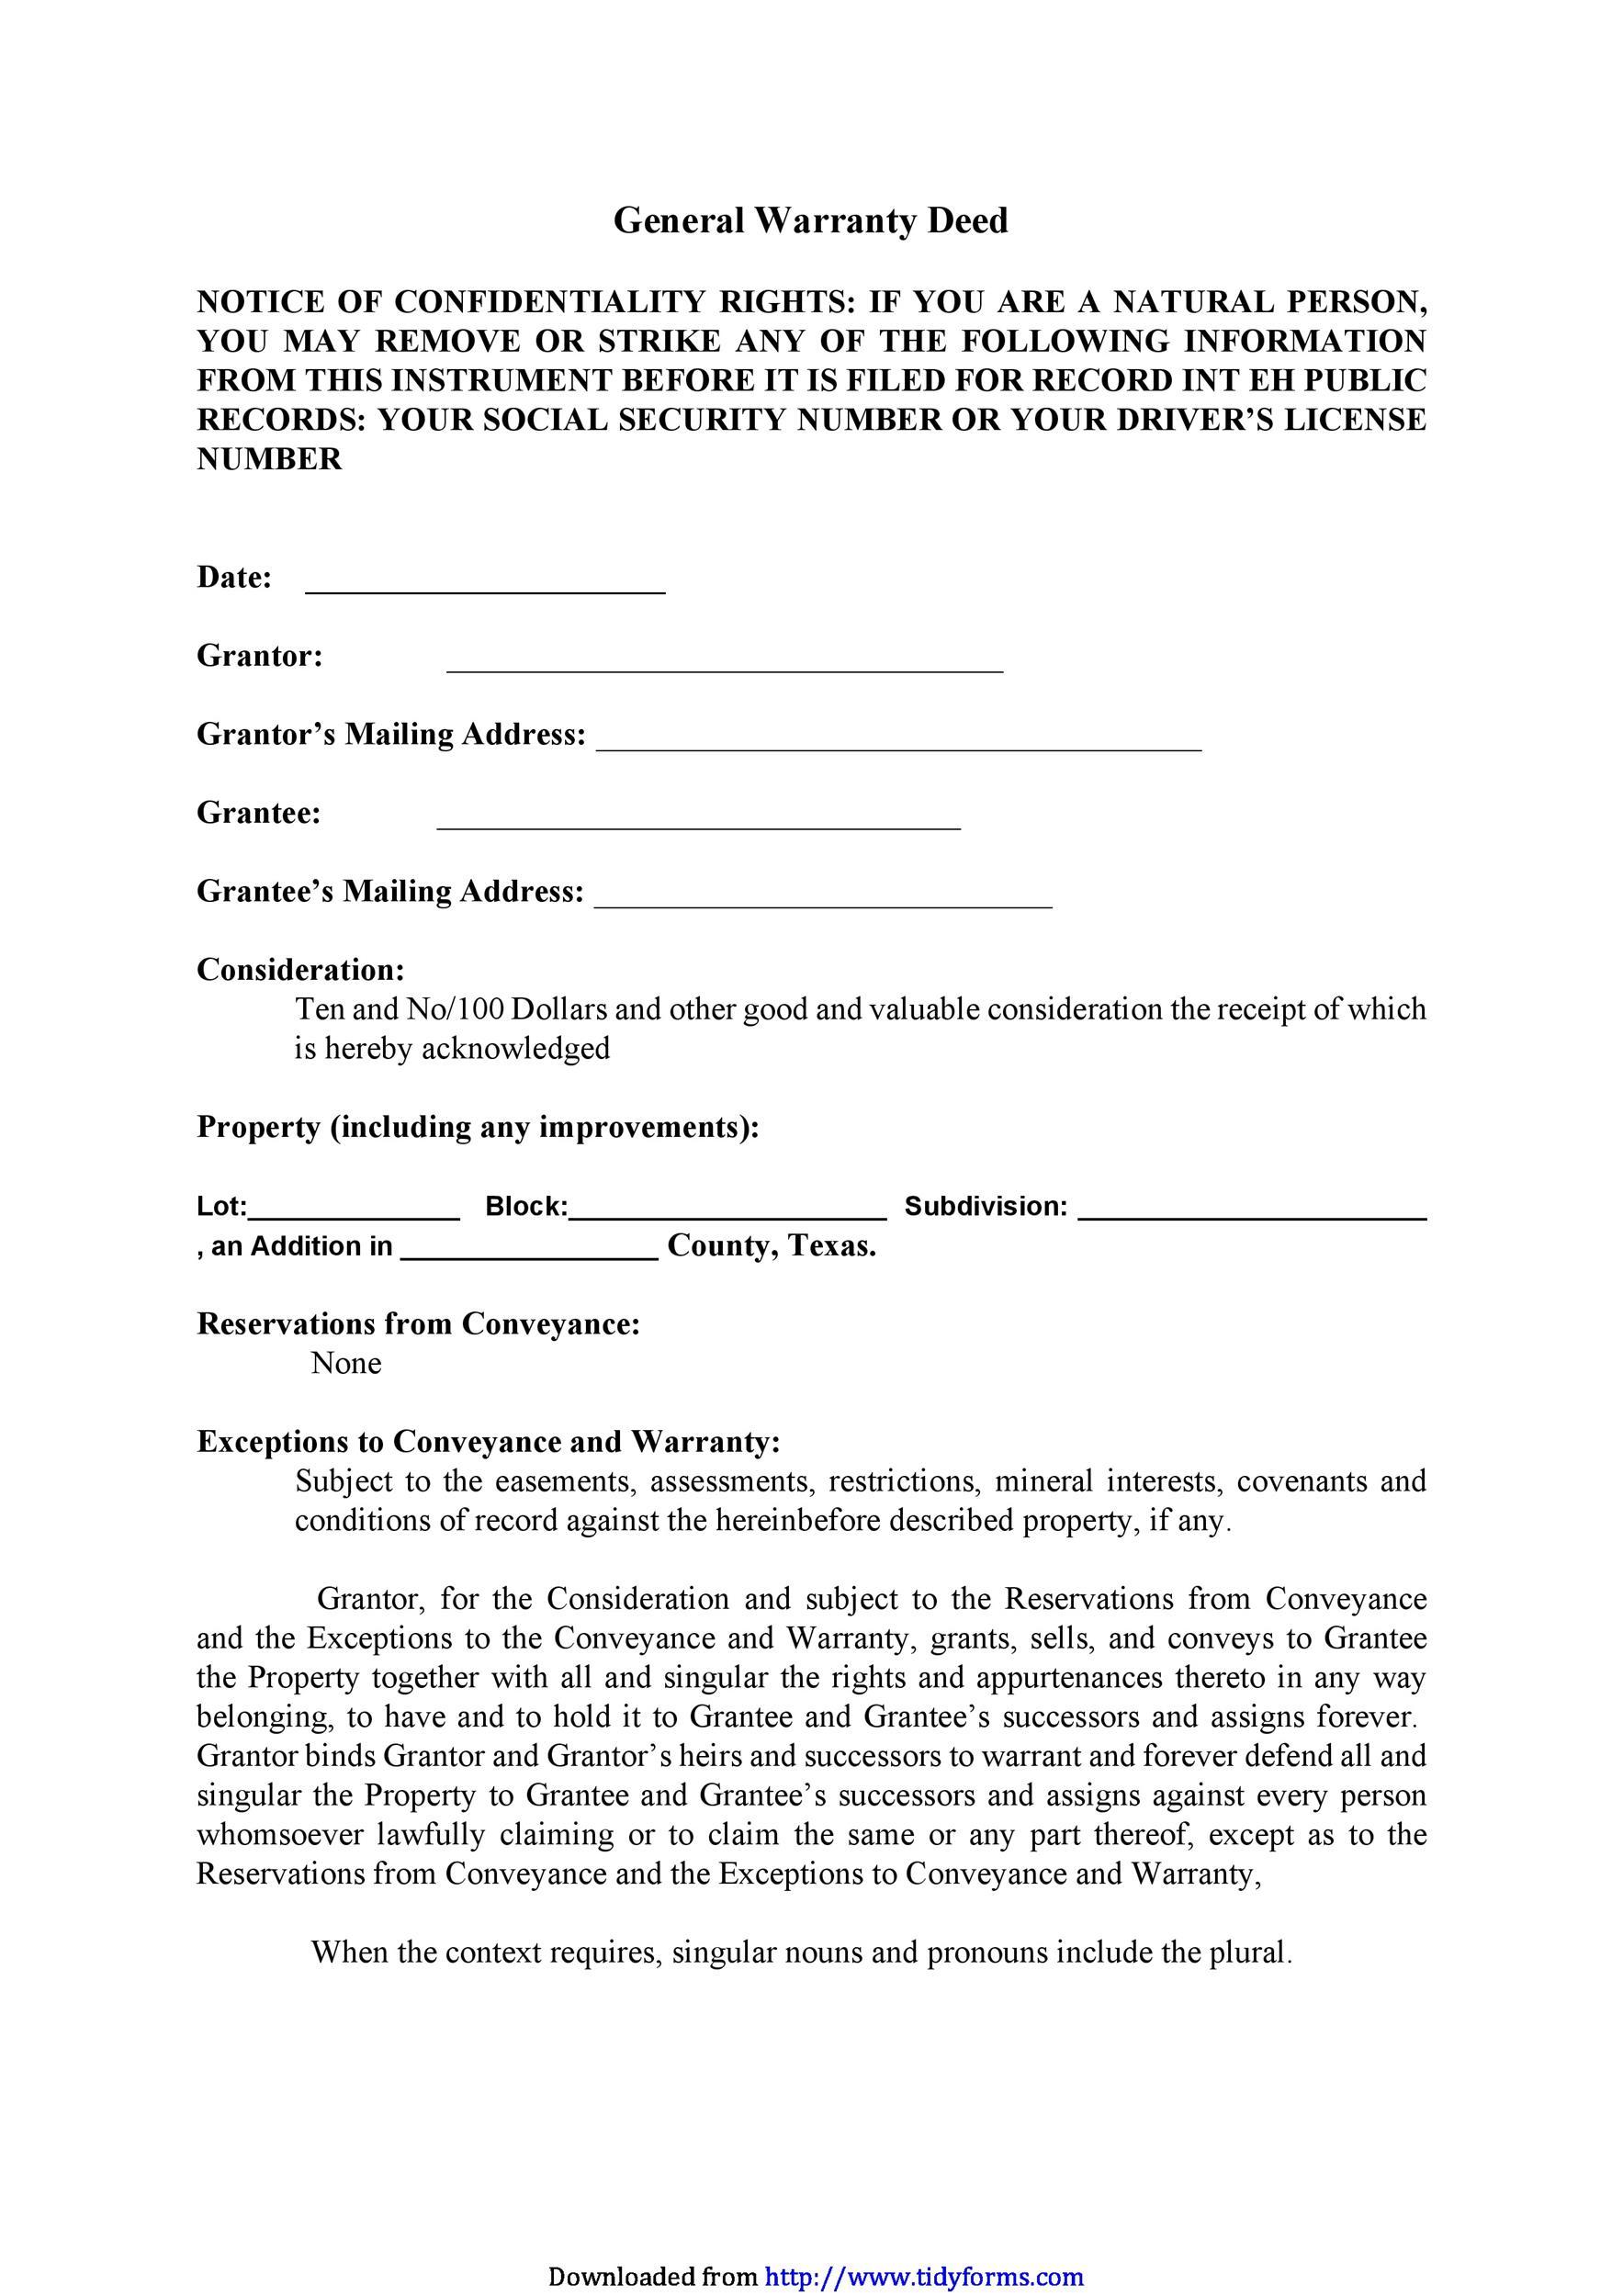 Warranty Deed Forms